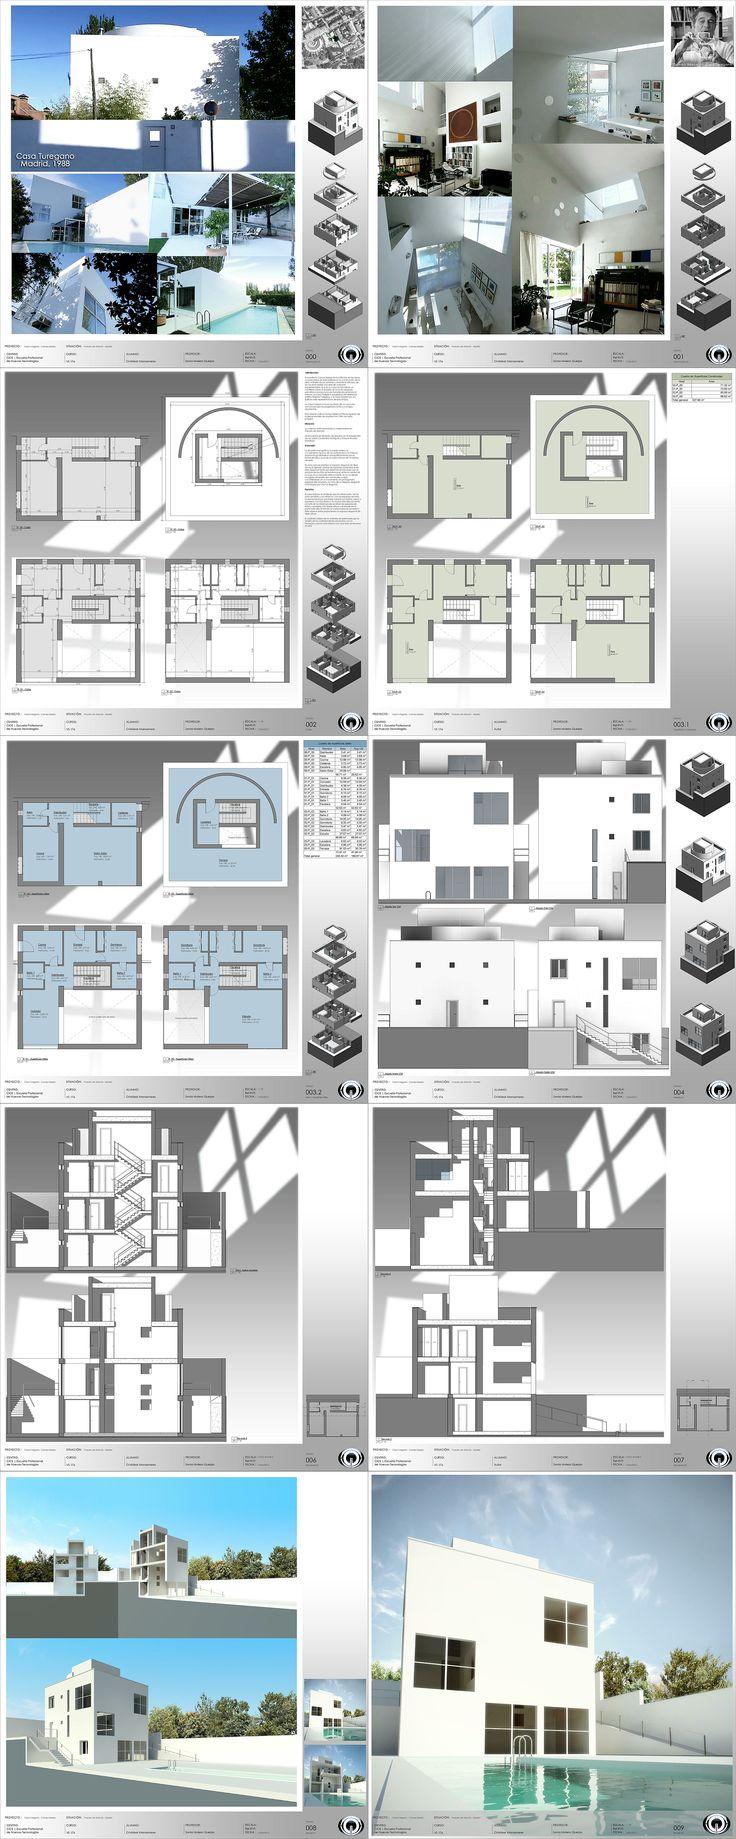 BIM (Building Information Modeling): Casa Turegano | Campo Baeza Segunda entrega del Curso Profesional de Arquitectura y Construcción con Autodesk Revit en CICE (Escuela Profesional de Nuevas Tecnologías), realizado por Cristóbal Manzanares. www.siem-yi.com/